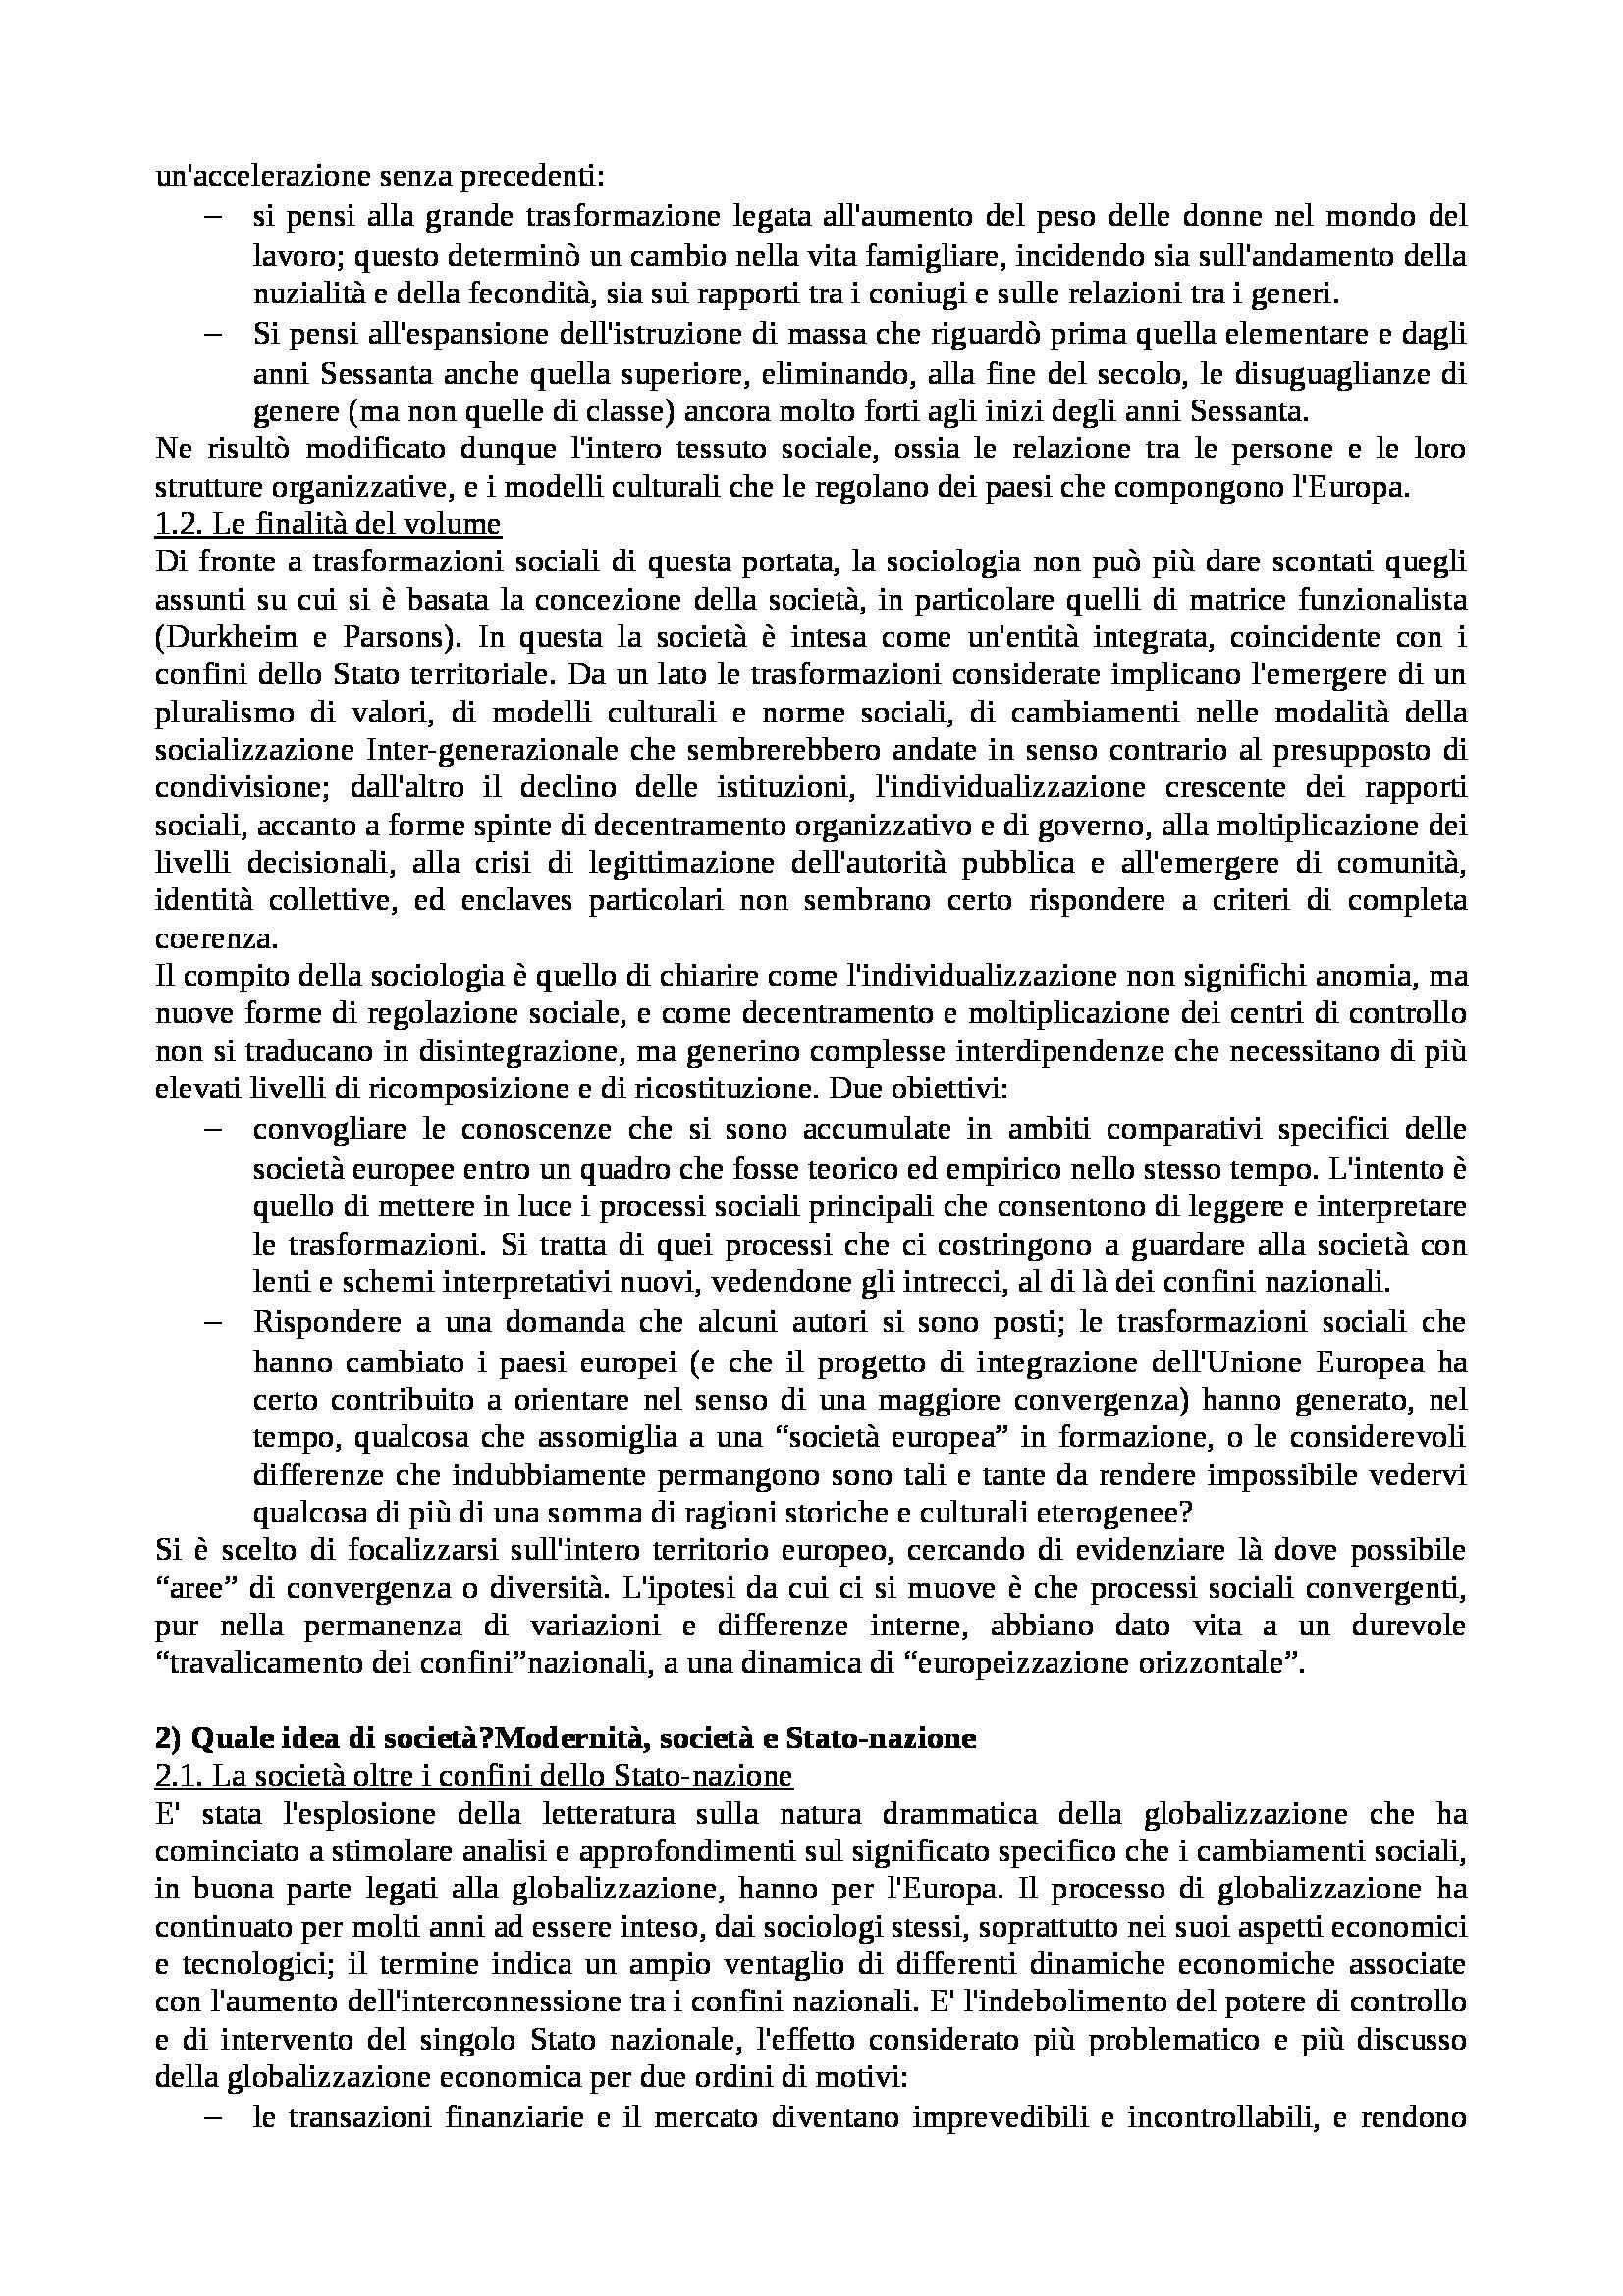 Riassunto esame Istituzioni di Sociologia, libro adottato Processi e Trasformazioni Sociali, Sciolla Pag. 2